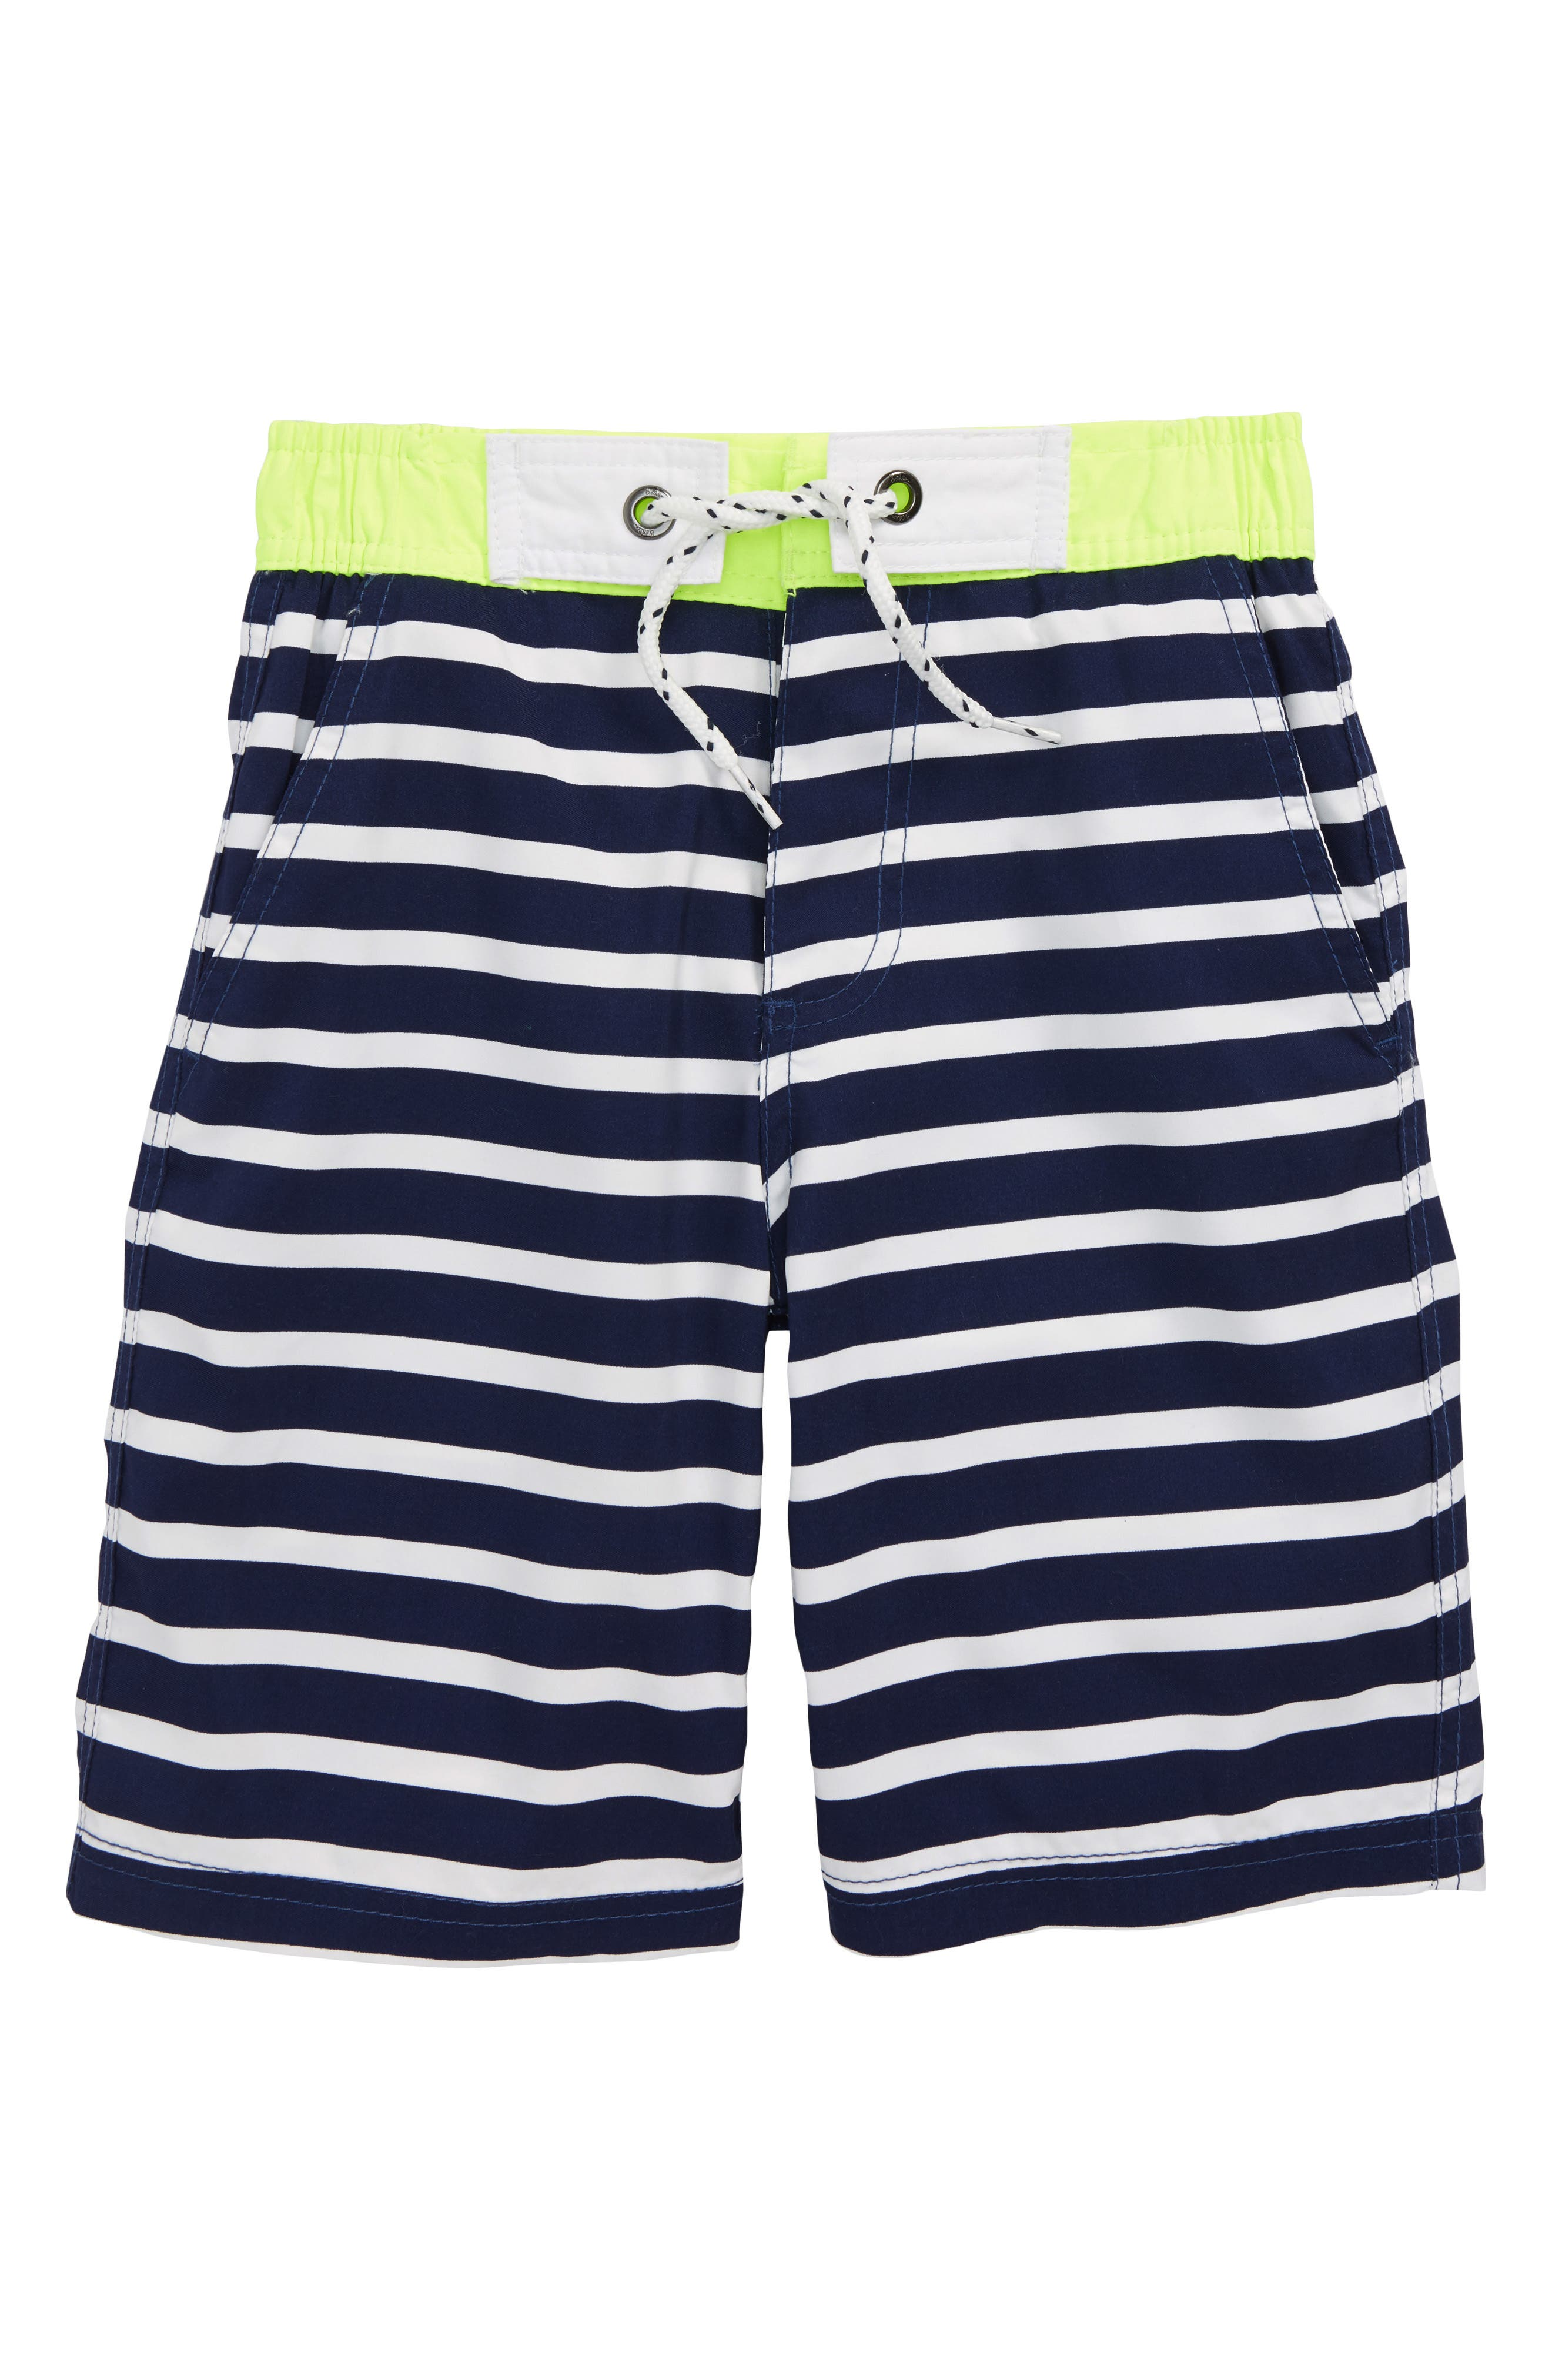 Stripe Board Shorts,                         Main,                         color, 464